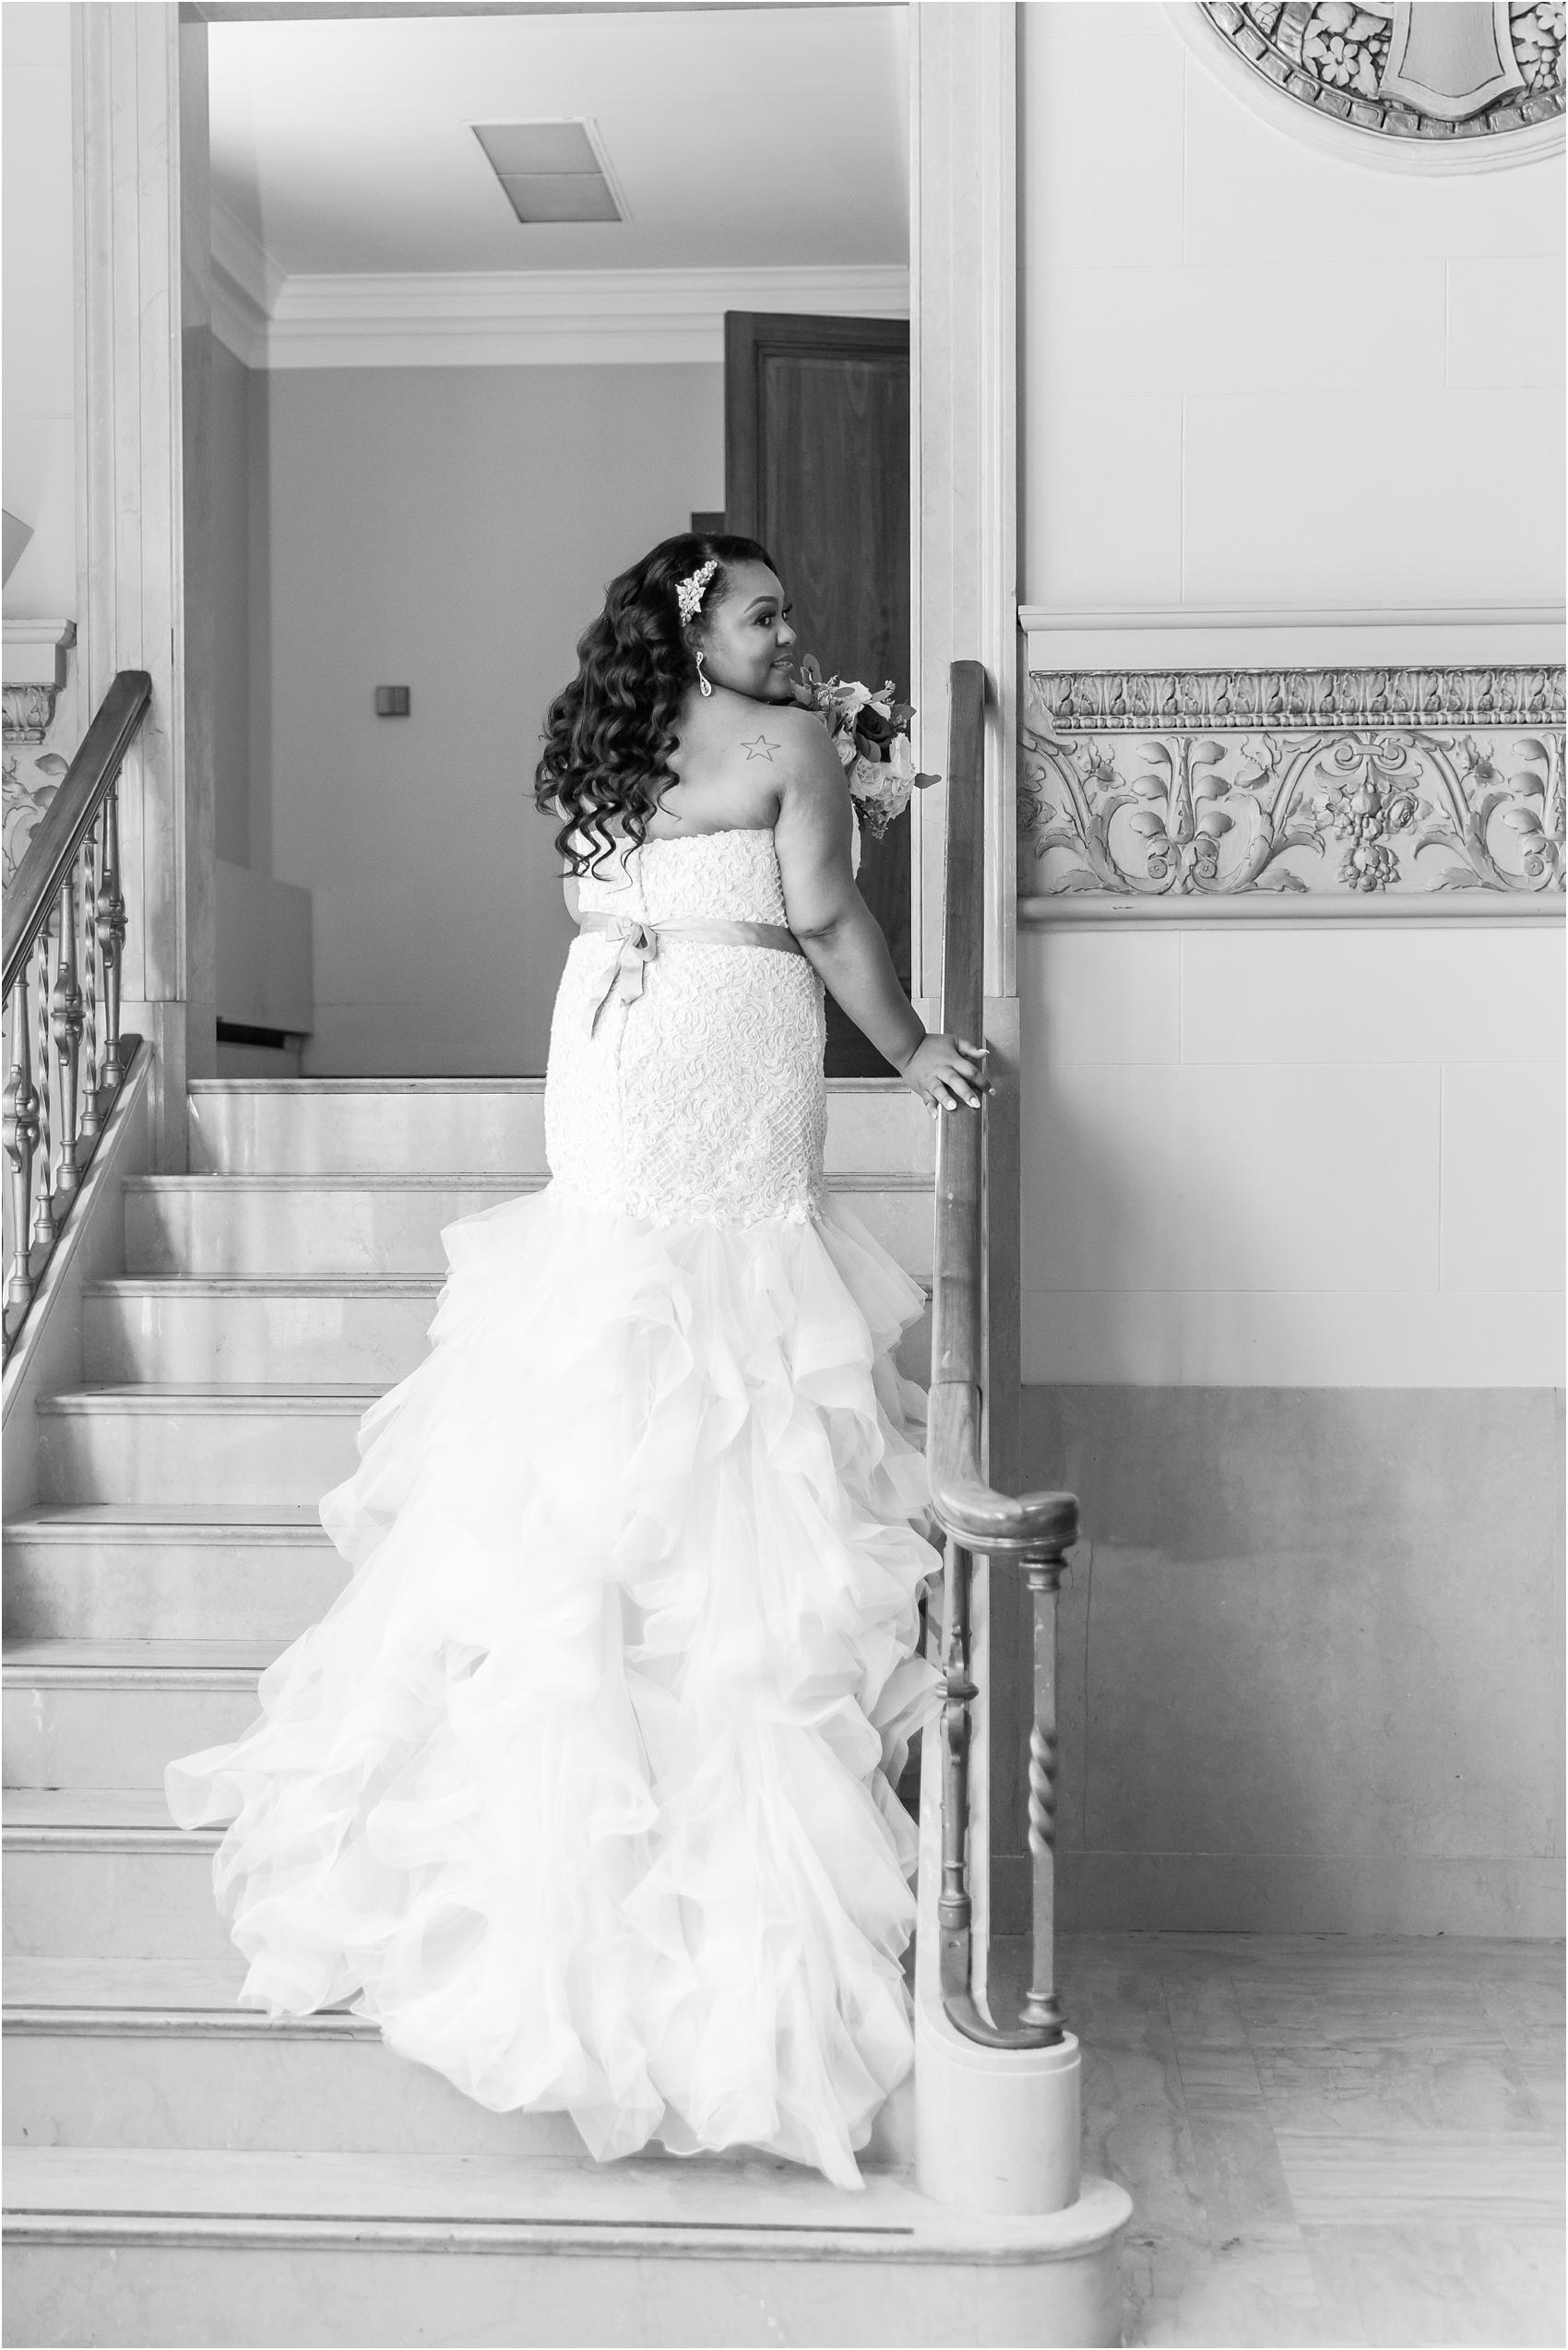 minimalist-and-modern-wedding-photos-at-30-north-saginaw-in-pontiac-michigan-by-courtney-carolyn-photography_0022.jpg